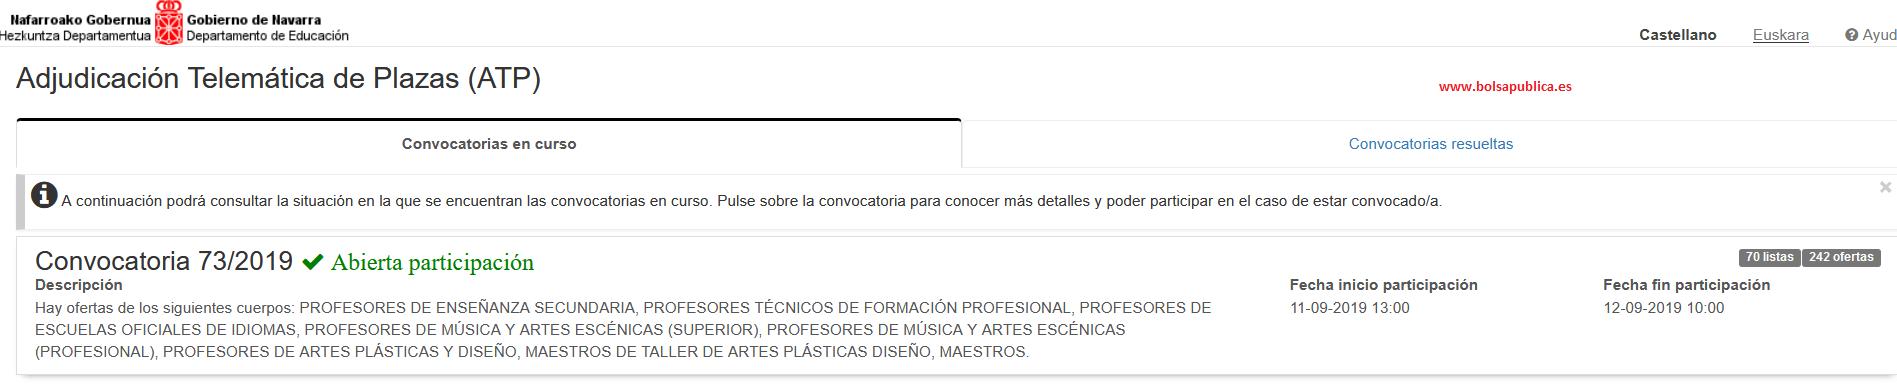 Gobierno de Navarra ATP (adjudicación telemática de plazas